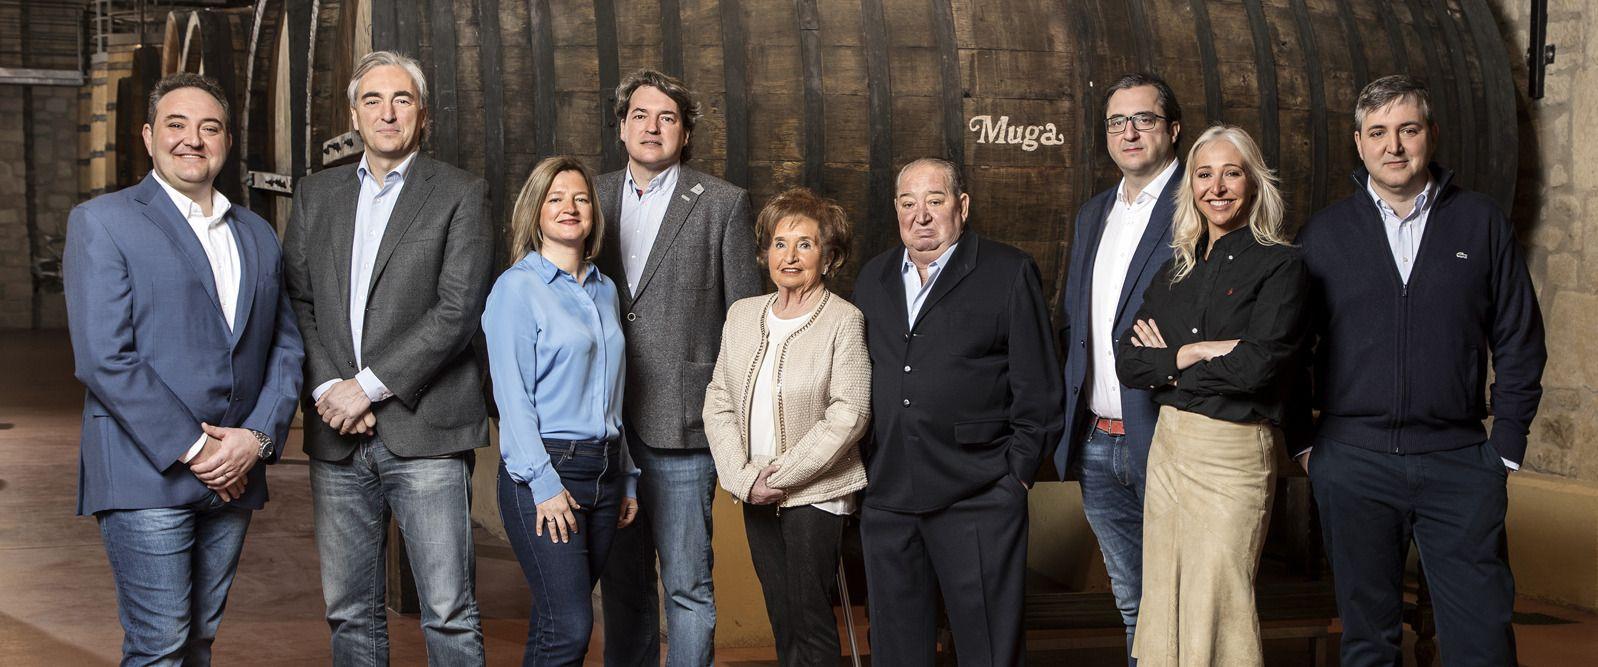 Muga - La familia